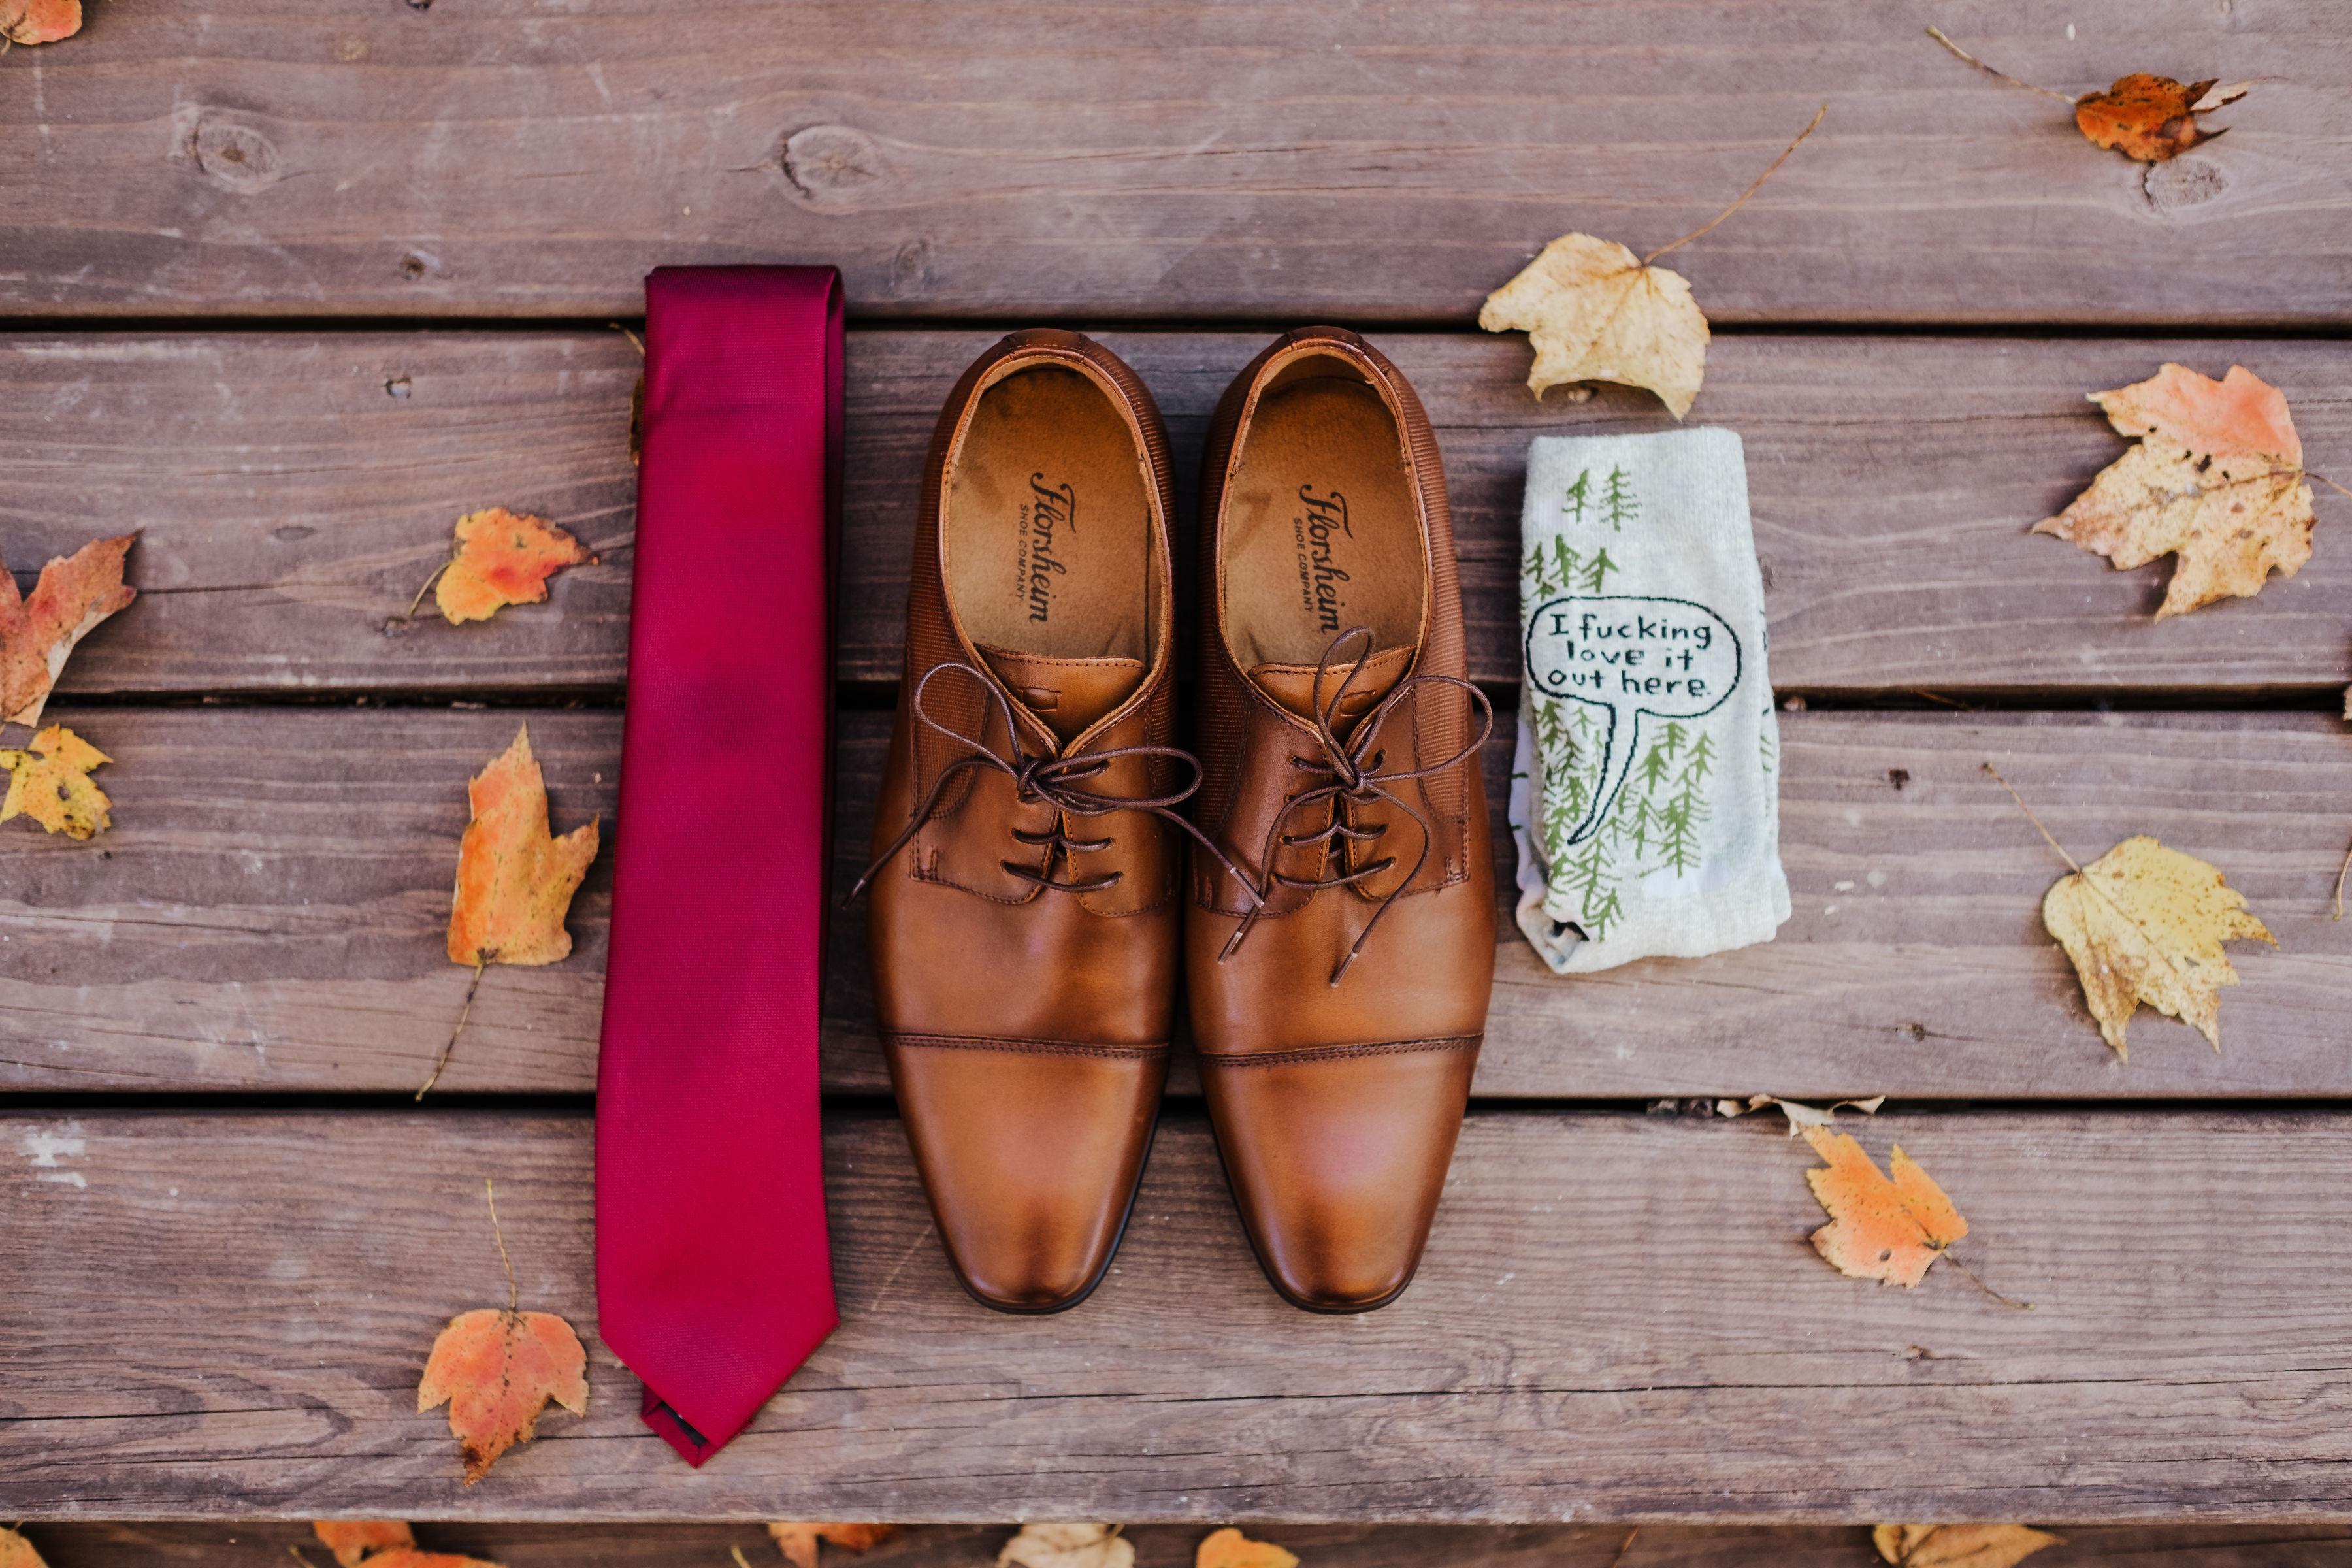 groom shoes, groom tie, groom socks